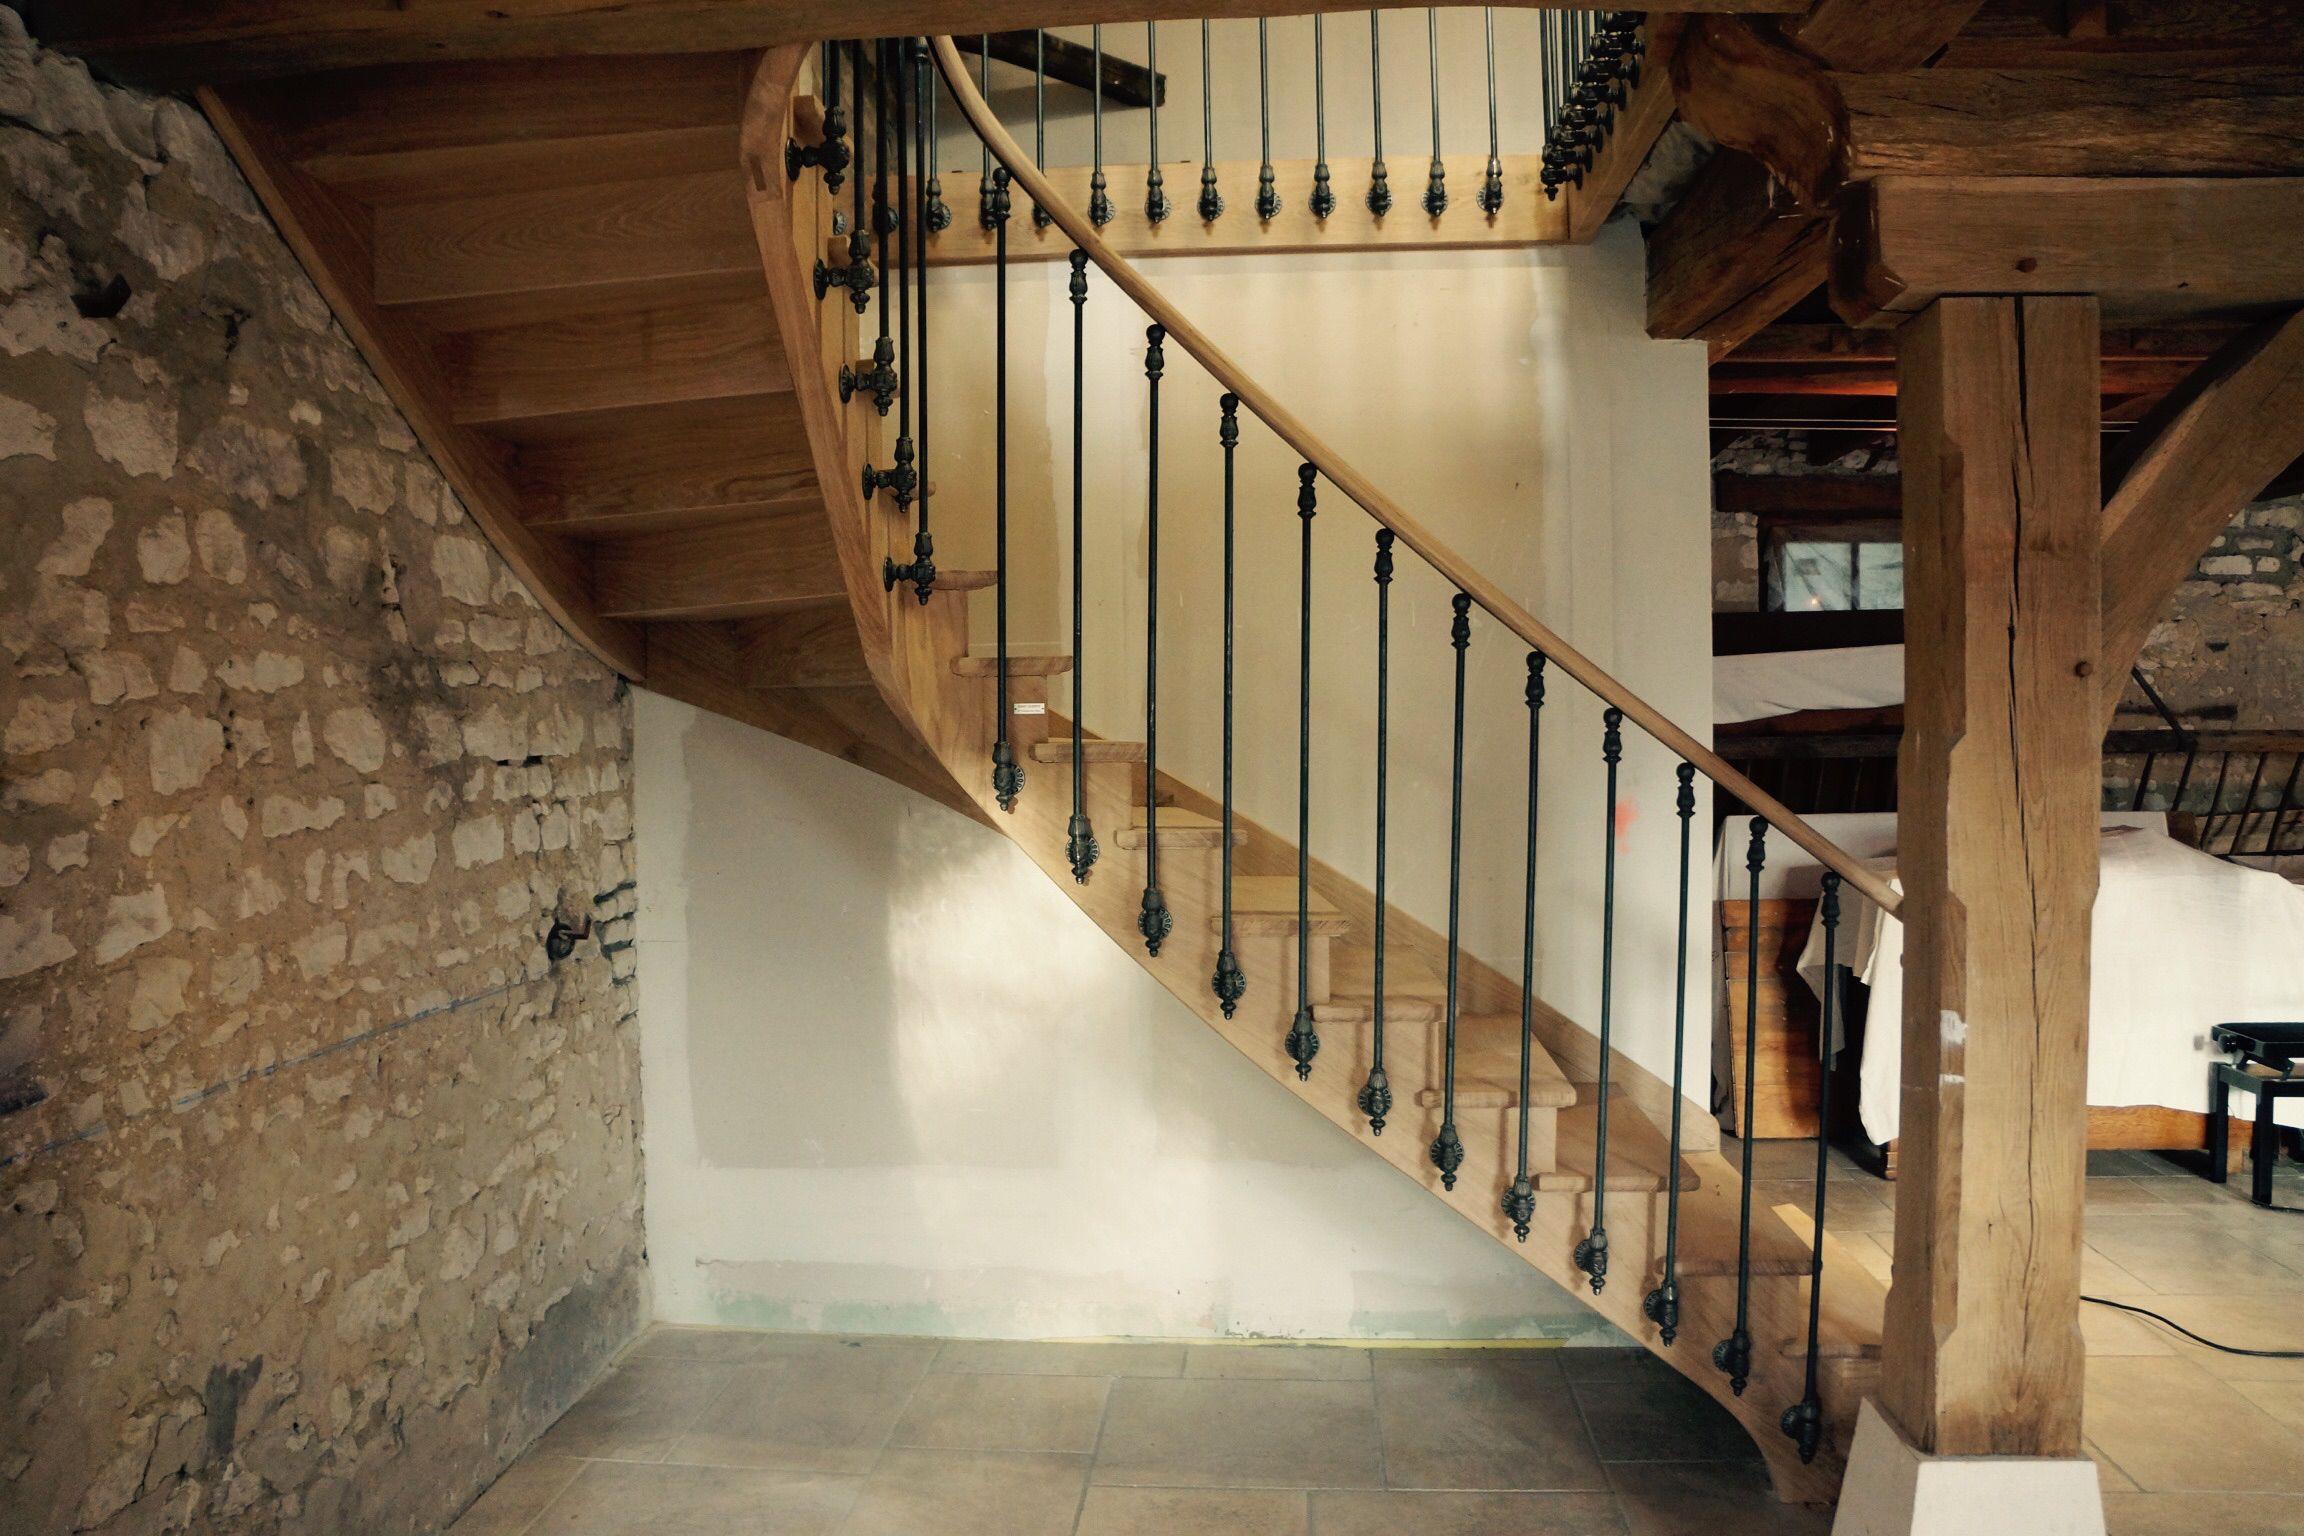 escalier 1 4 tournant en ch ne l 39 anglaise escaliers l 39 anglaise pinterest escaliers. Black Bedroom Furniture Sets. Home Design Ideas